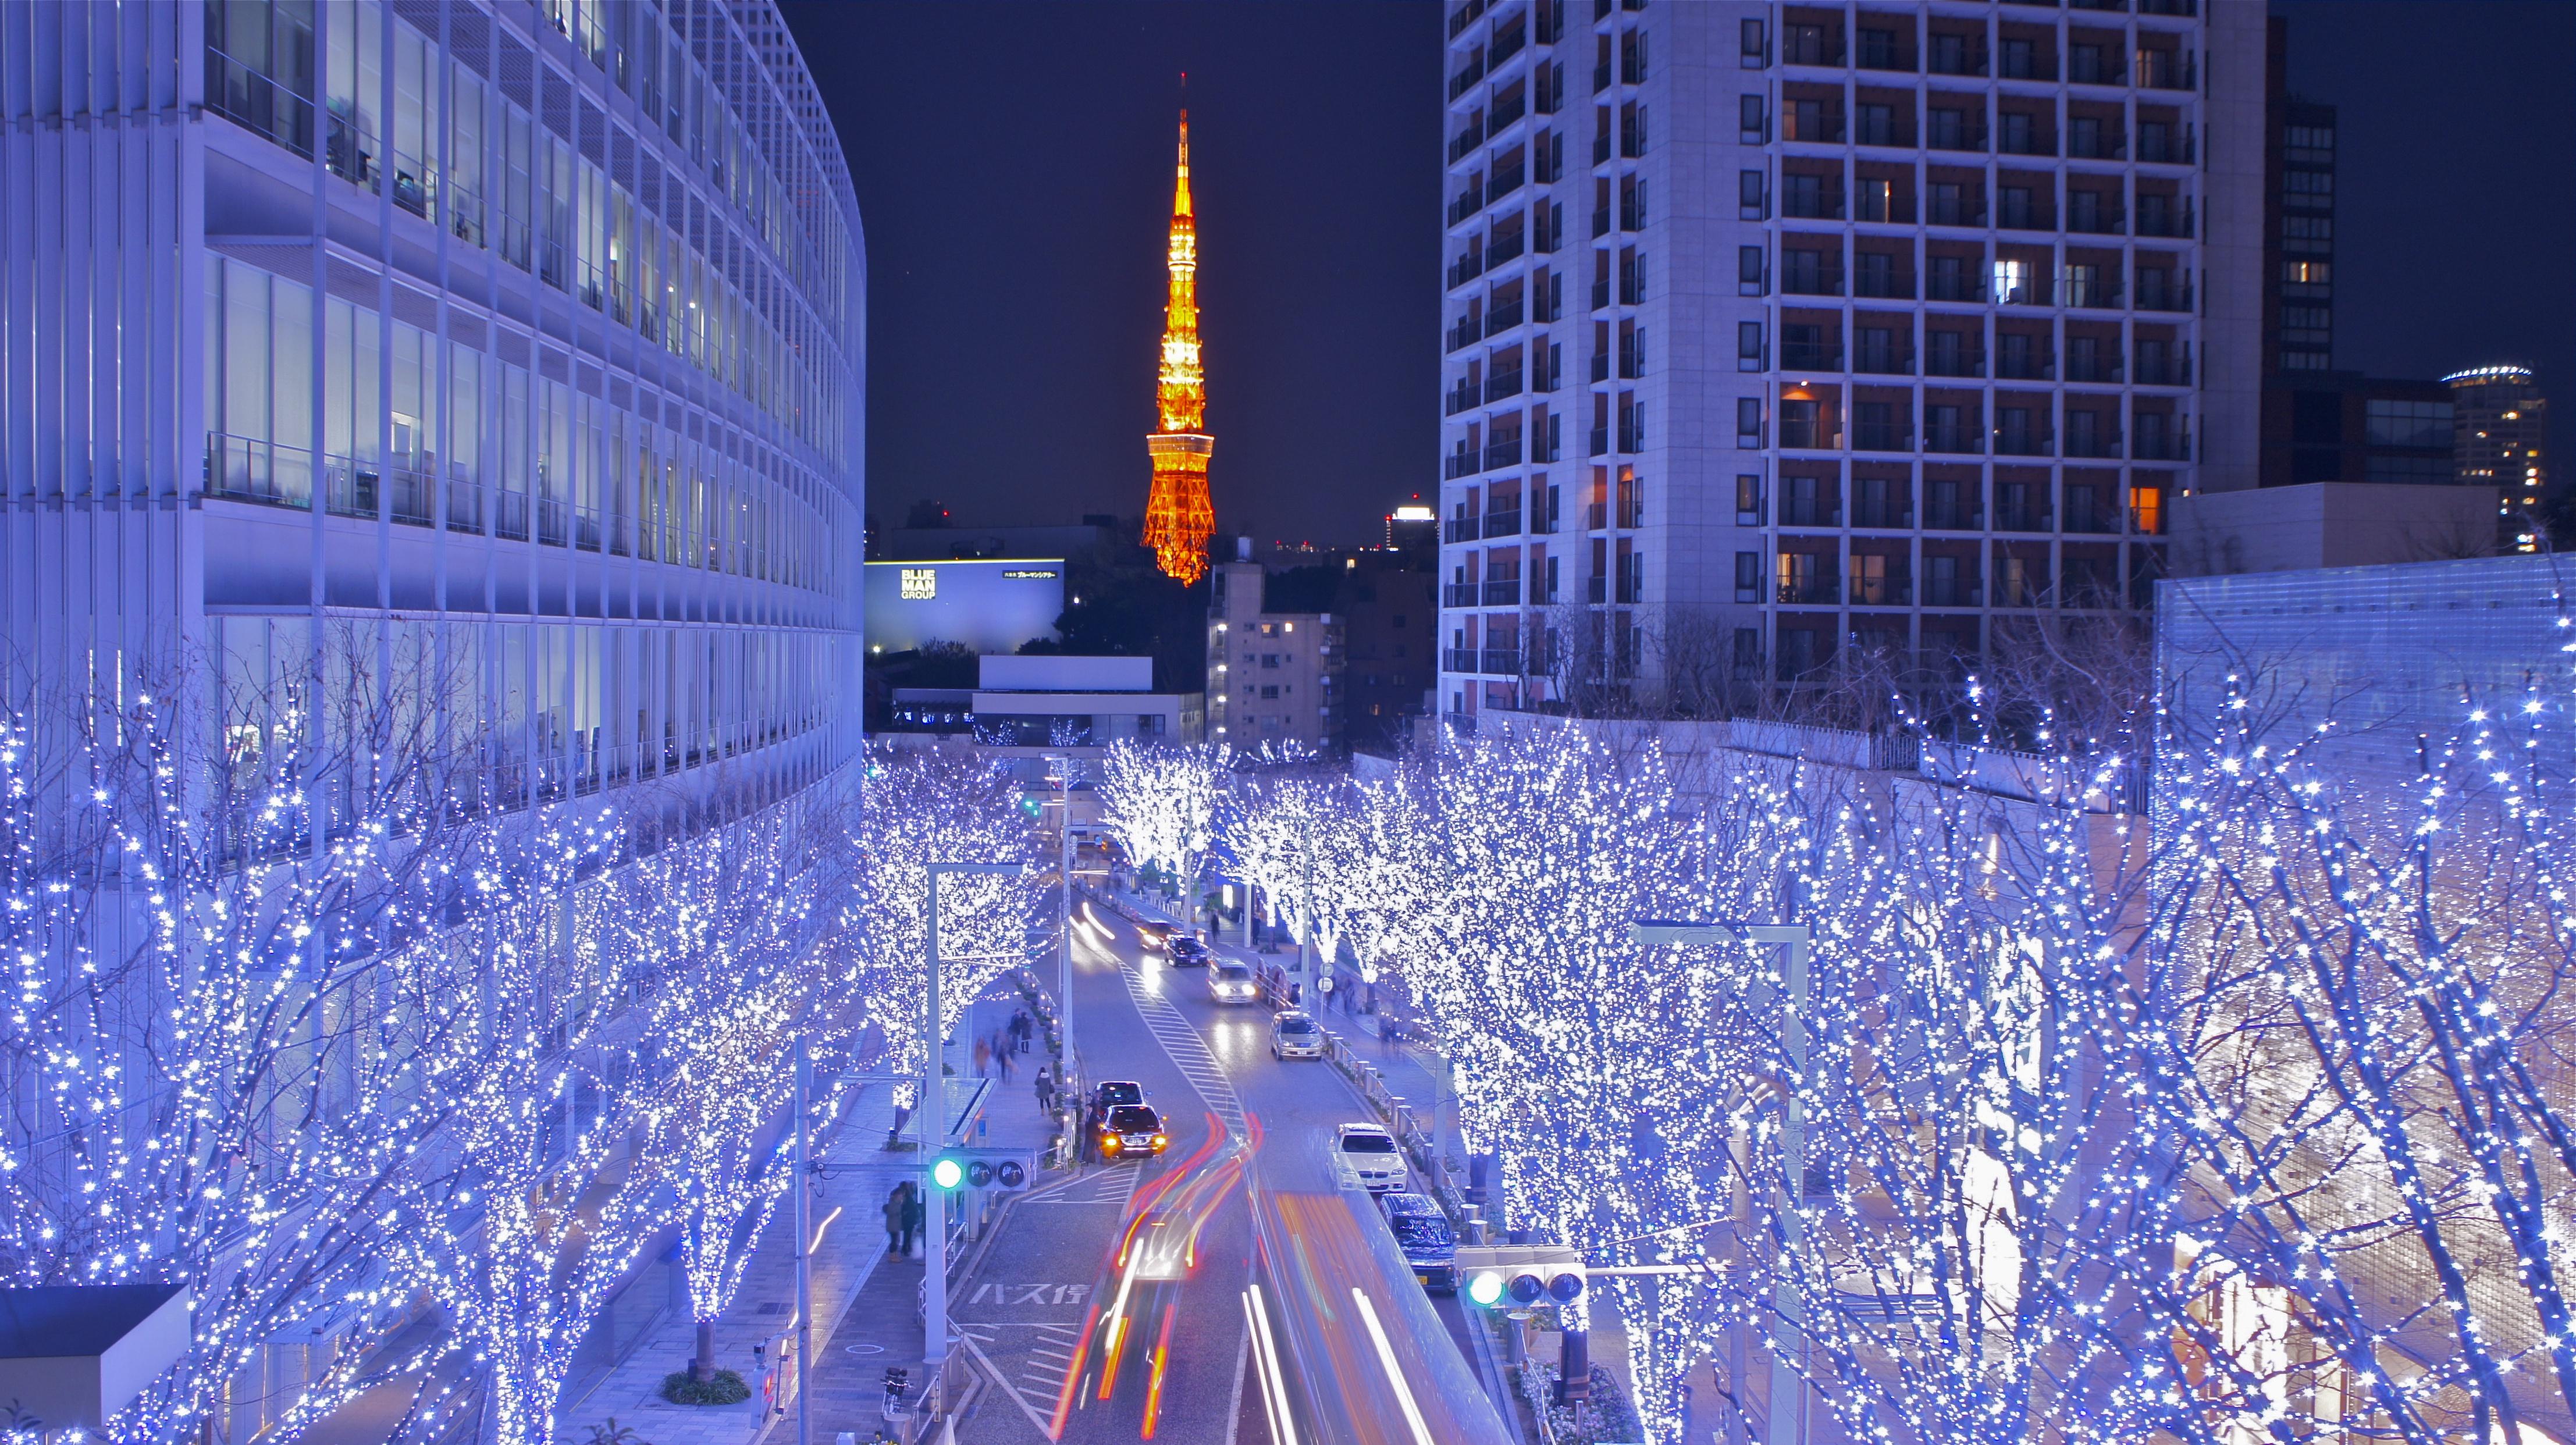 Tokyo winter illuminations top 10 picks tokyo cheapo fandeluxe Document